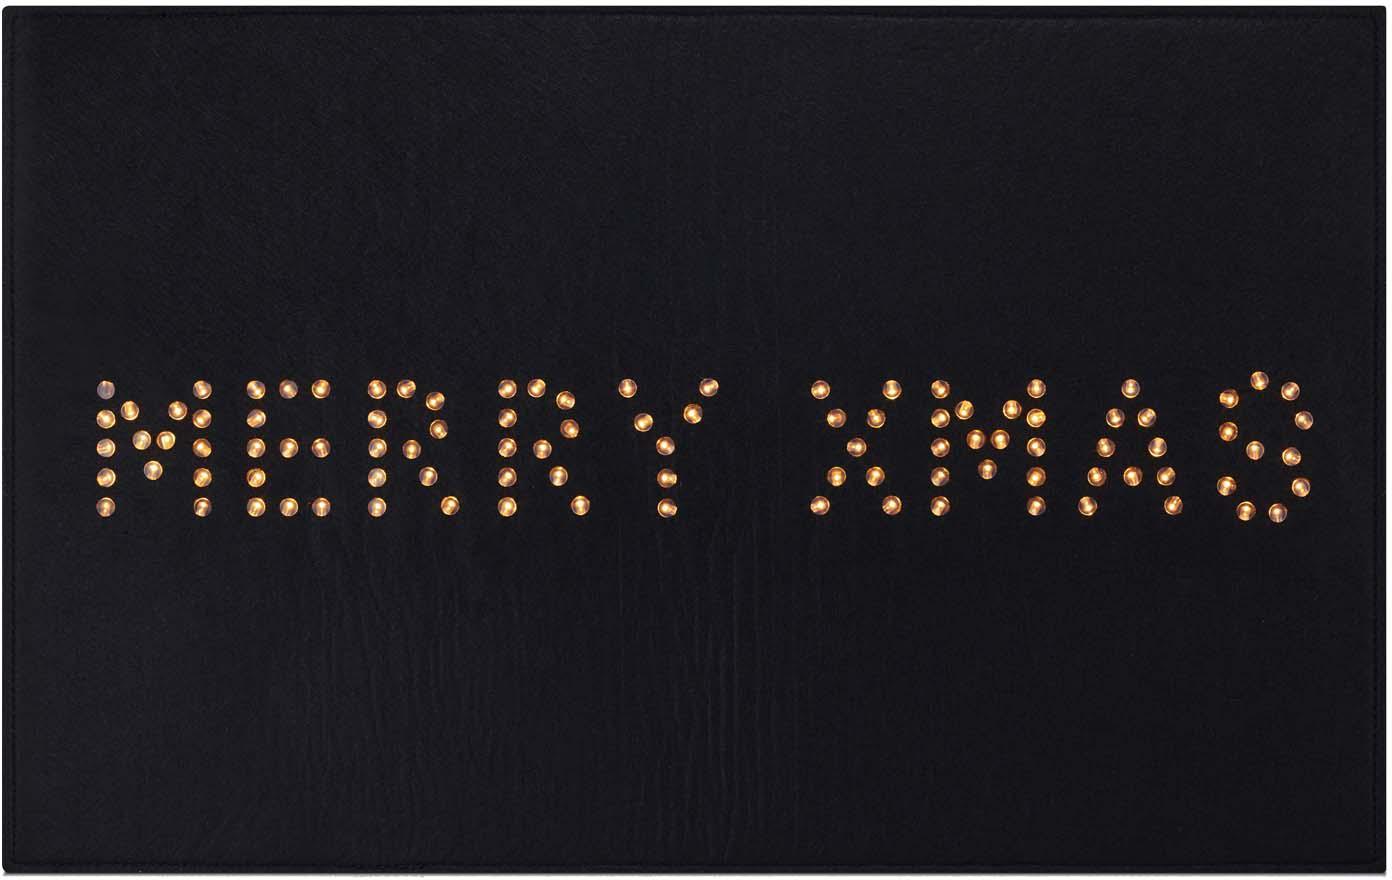 Leuchtende Fußmatte Lysa, Kunststoff, Schwarz, 80 x 50 cm